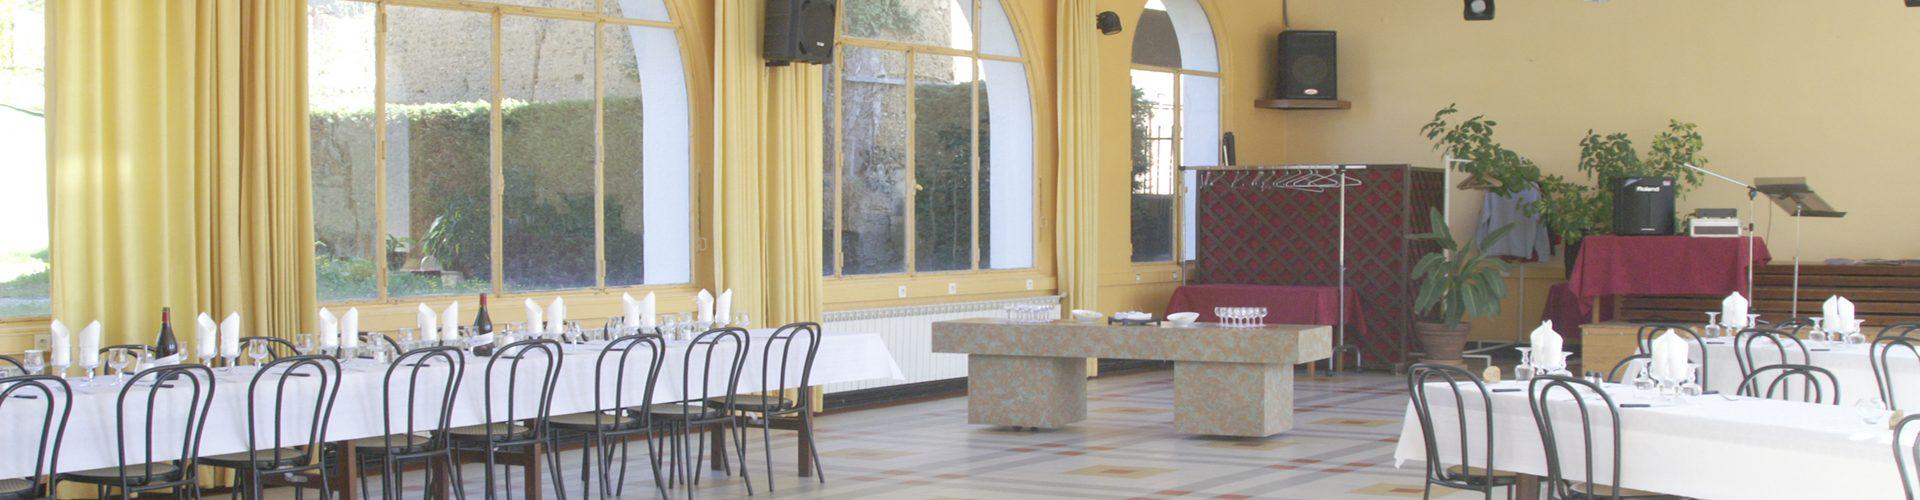 Le Relais De La Tourelle - Salle des banquets